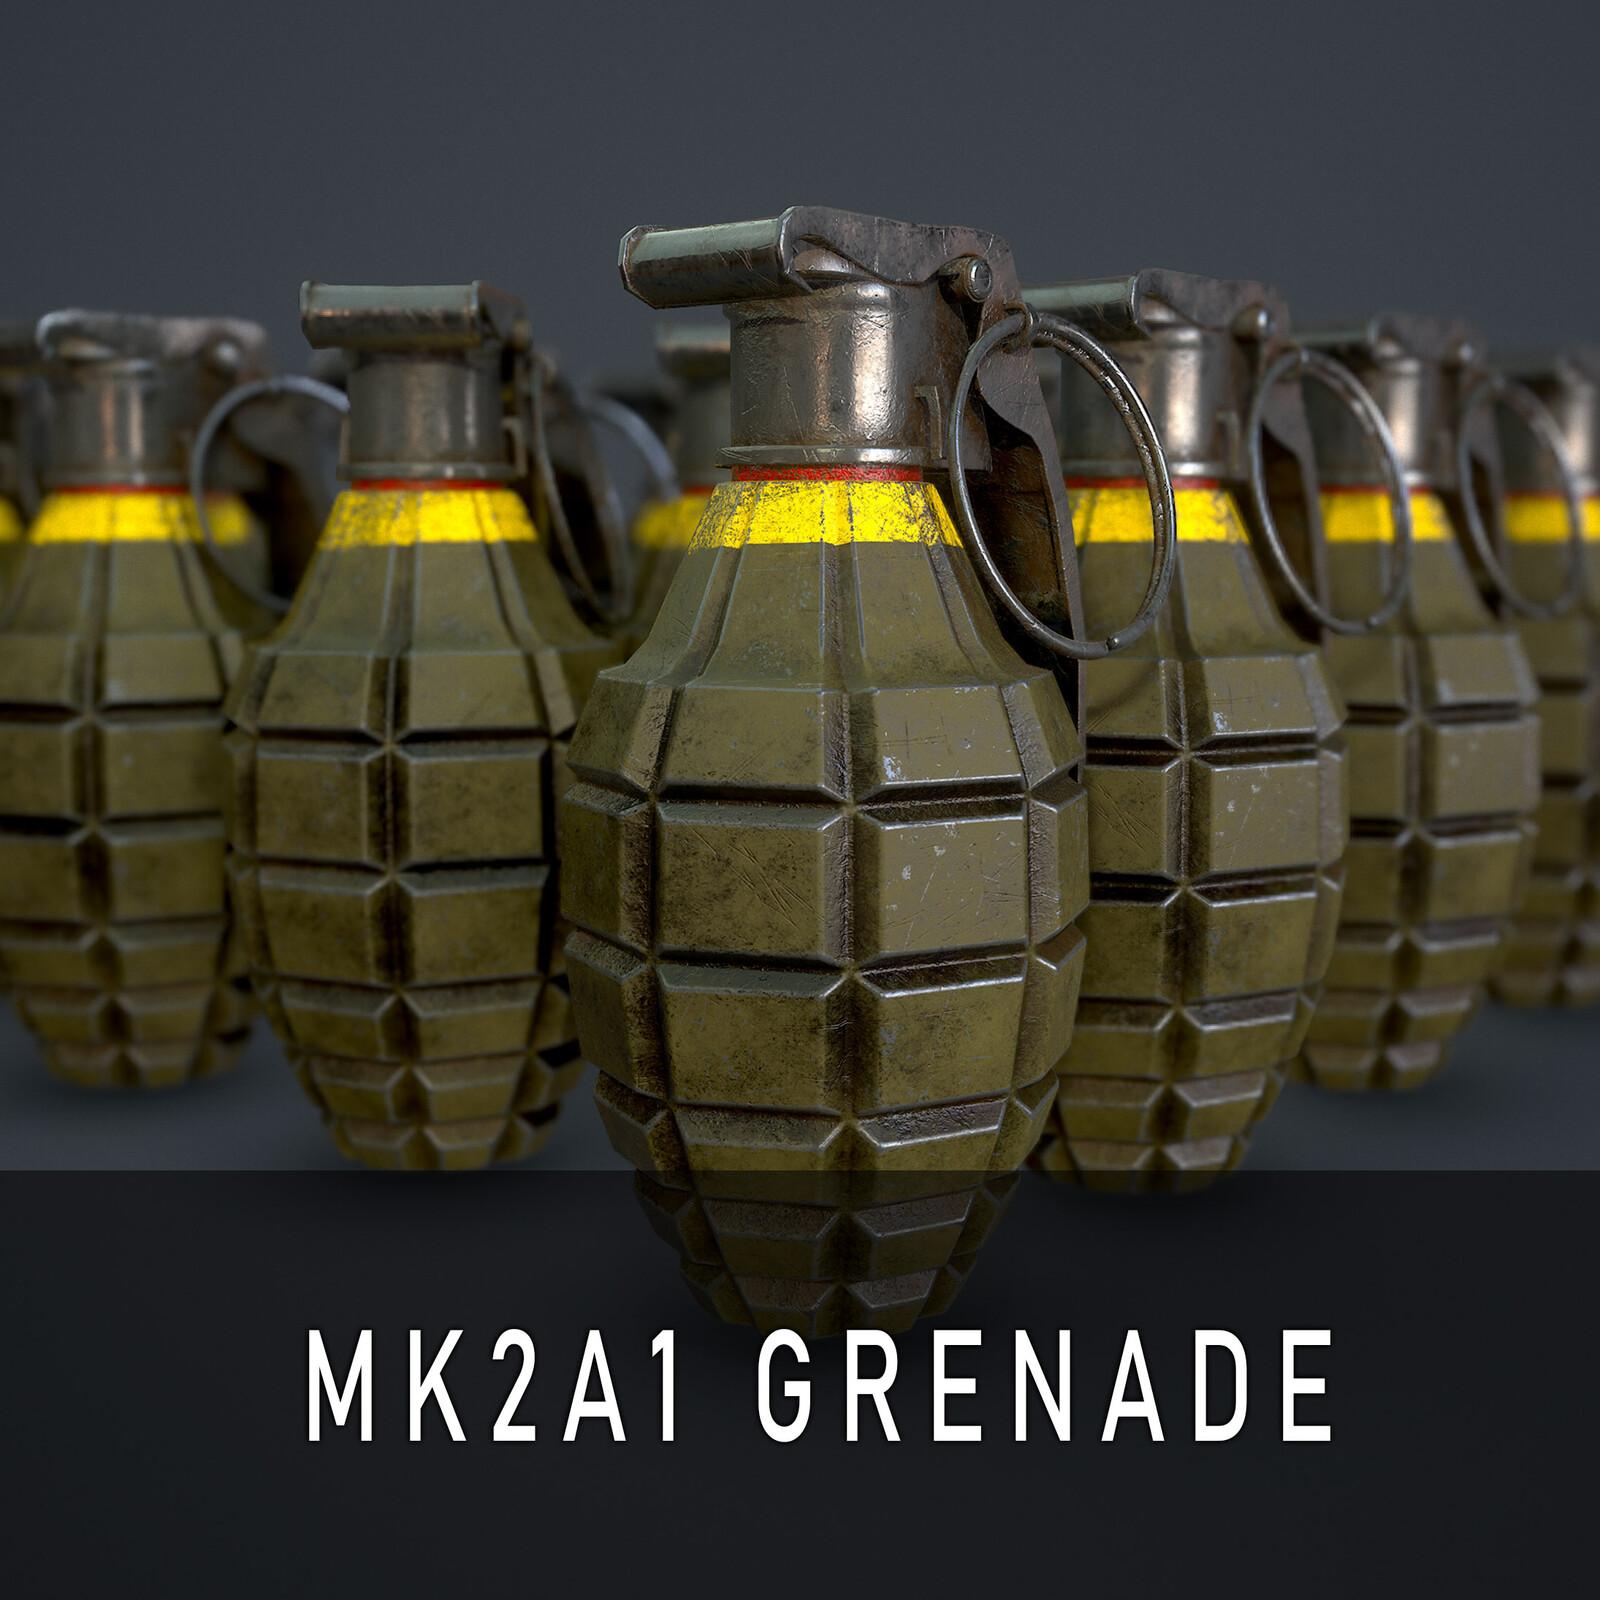 MK2A1 Grenade